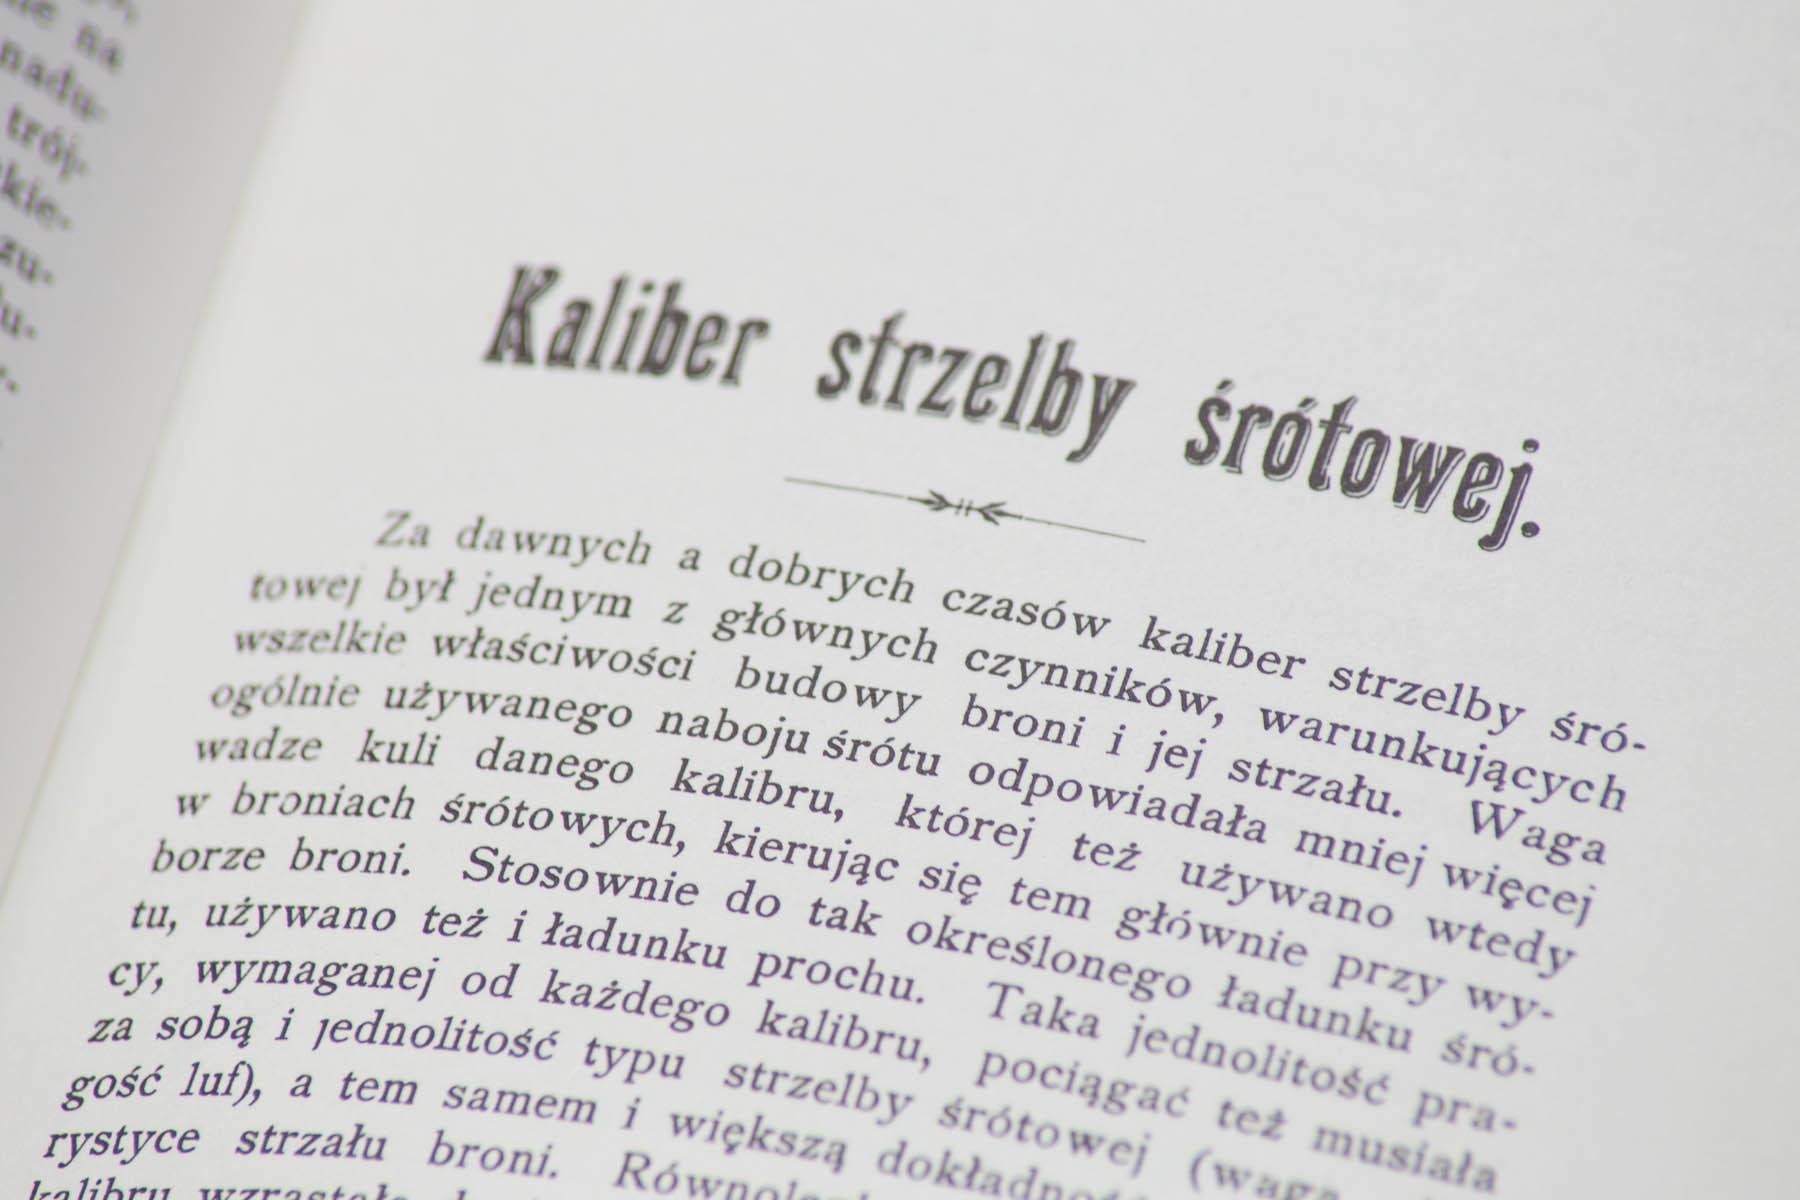 Kaliber strzelby...